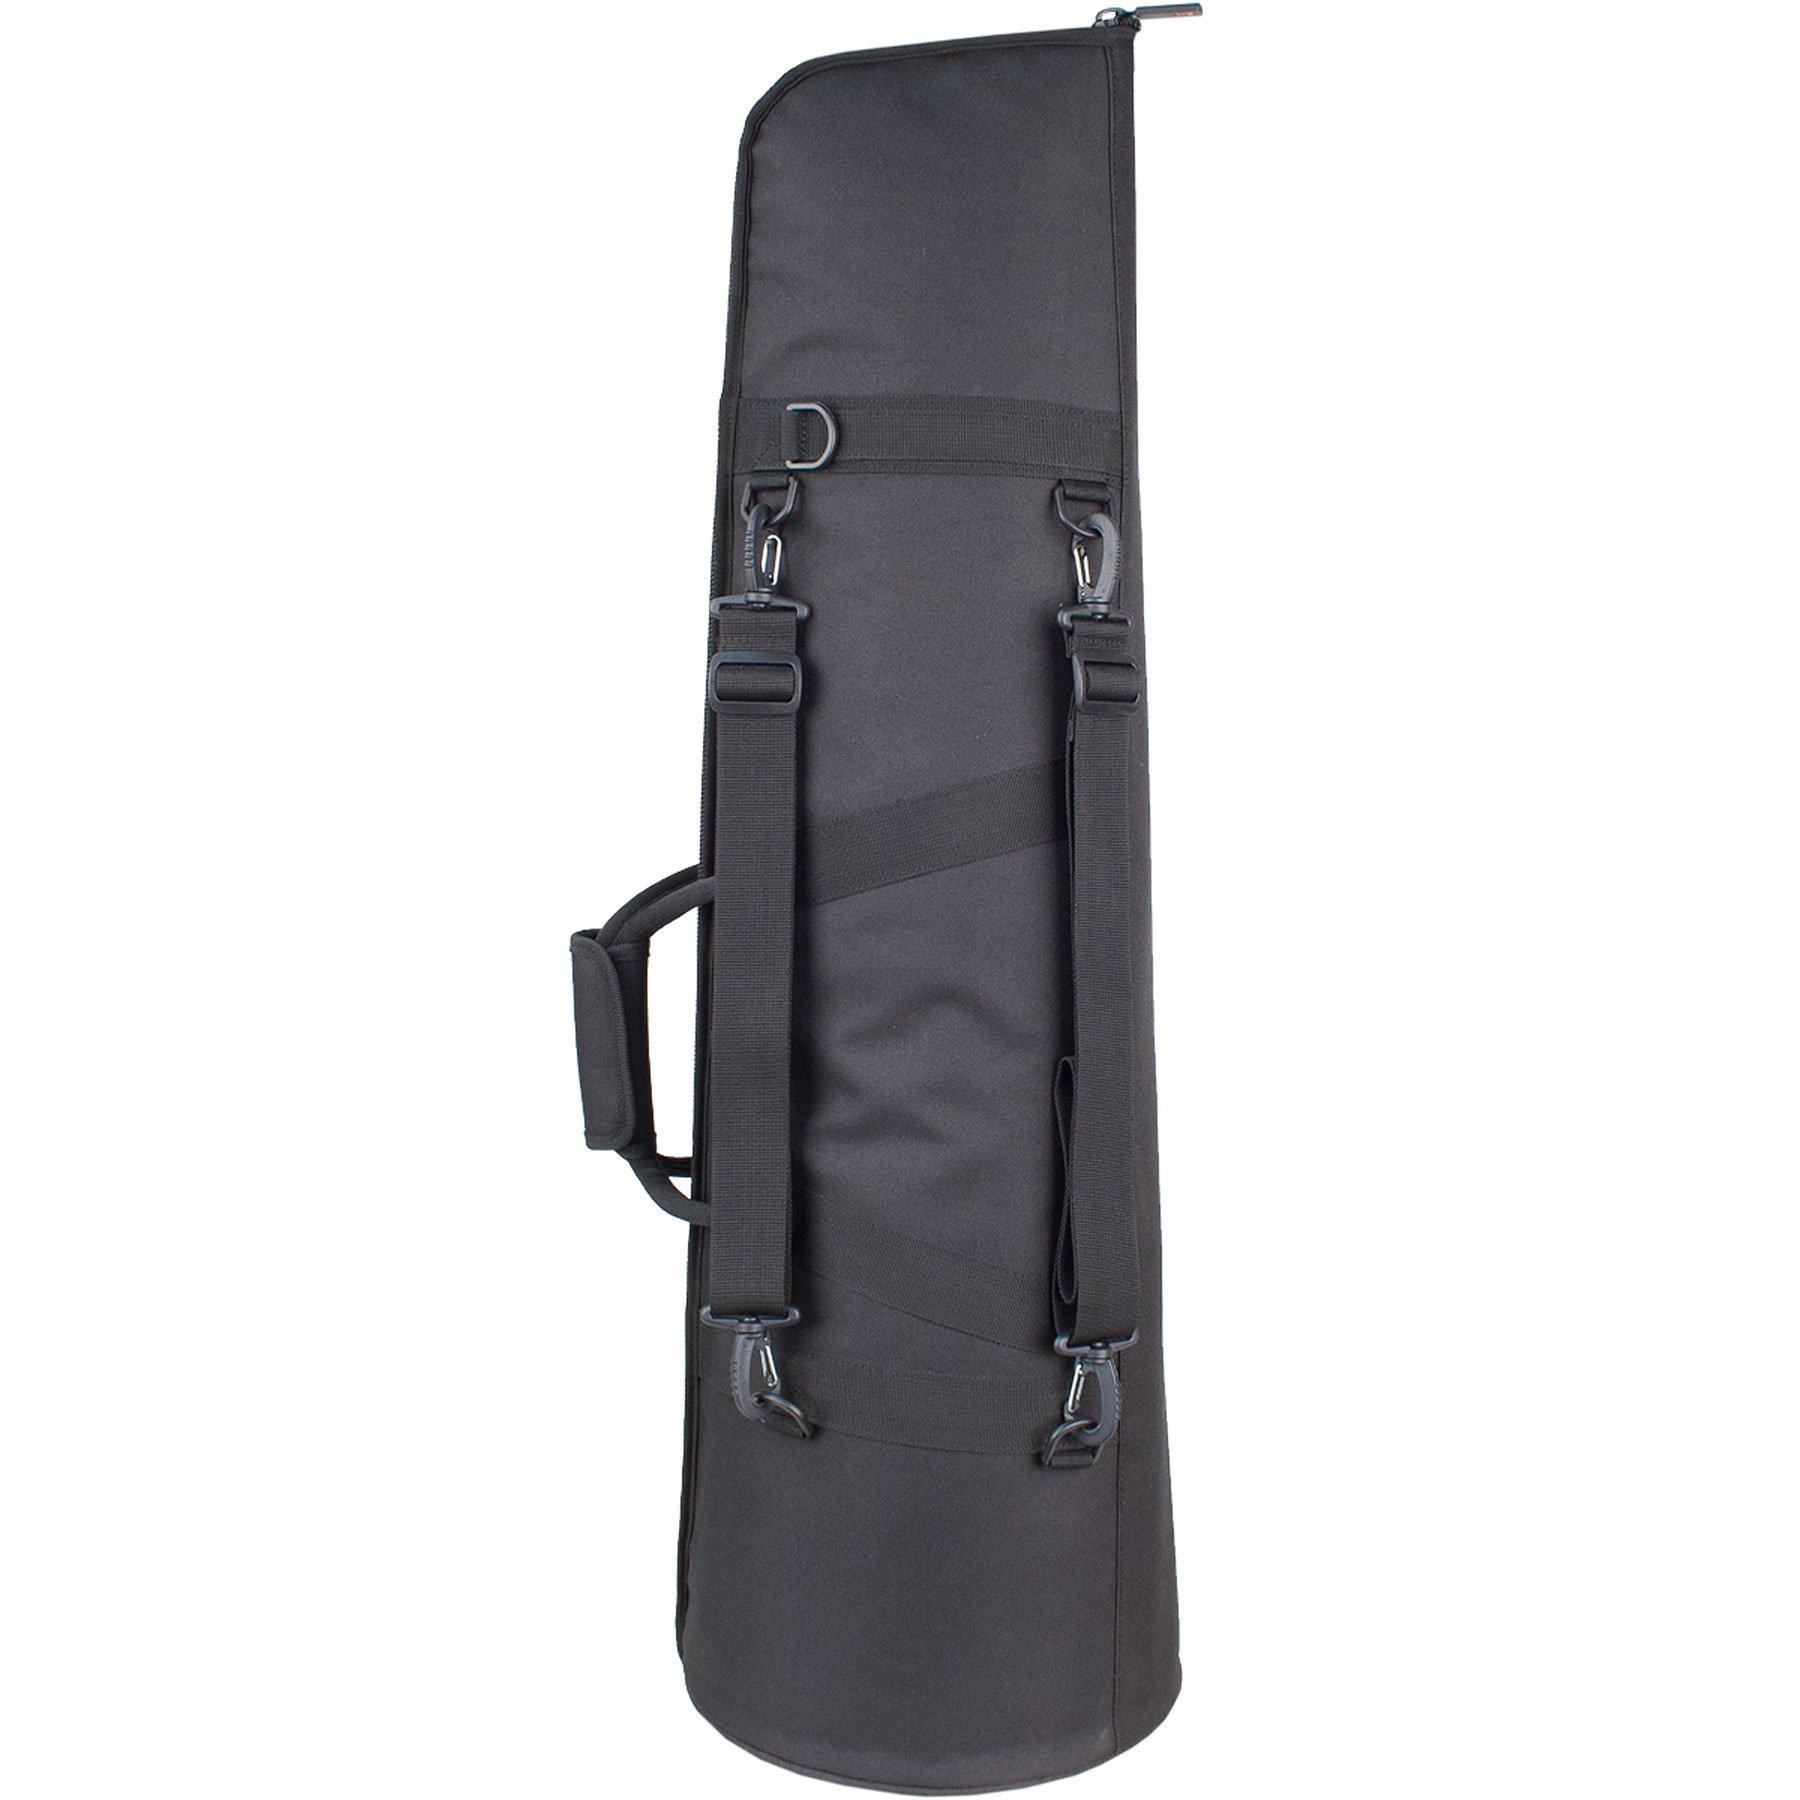 PROTEC c239e trombón Tenor incluye bolsa de transporte acolchada: Amazon.es: Instrumentos musicales